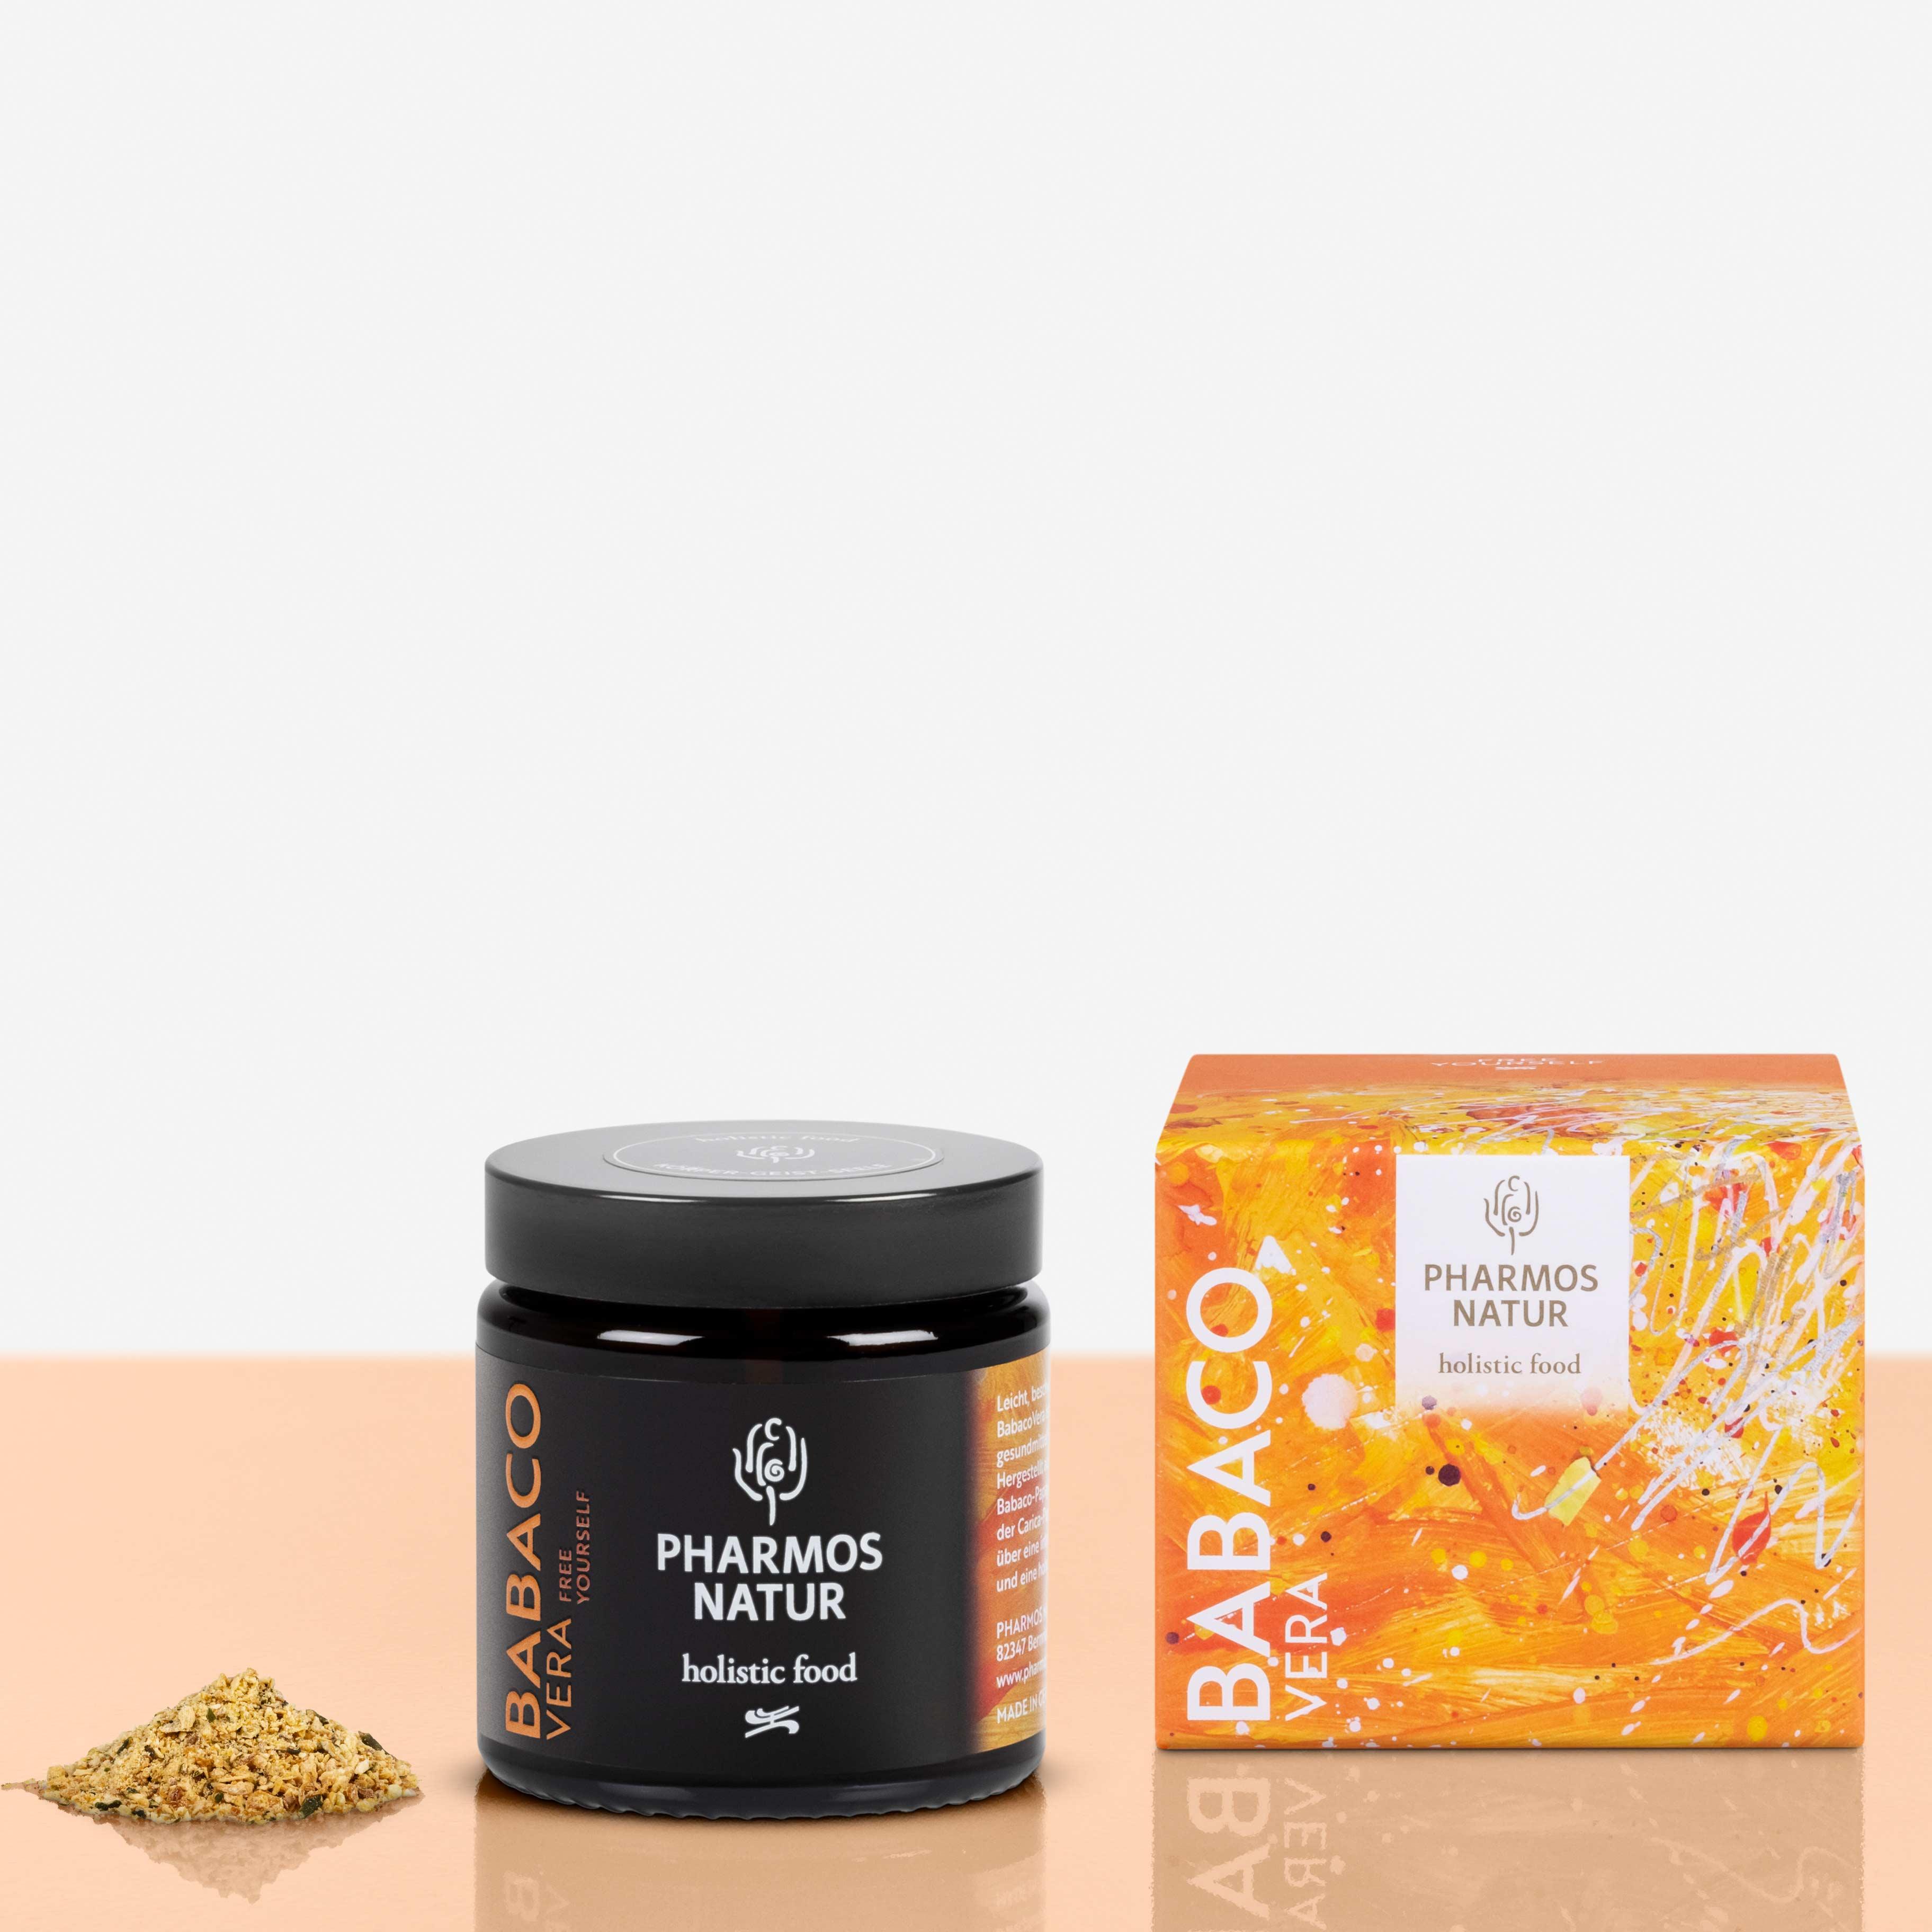 Babaco Vera dunkler Behälter Produktbild neben Pulver und Verpackung